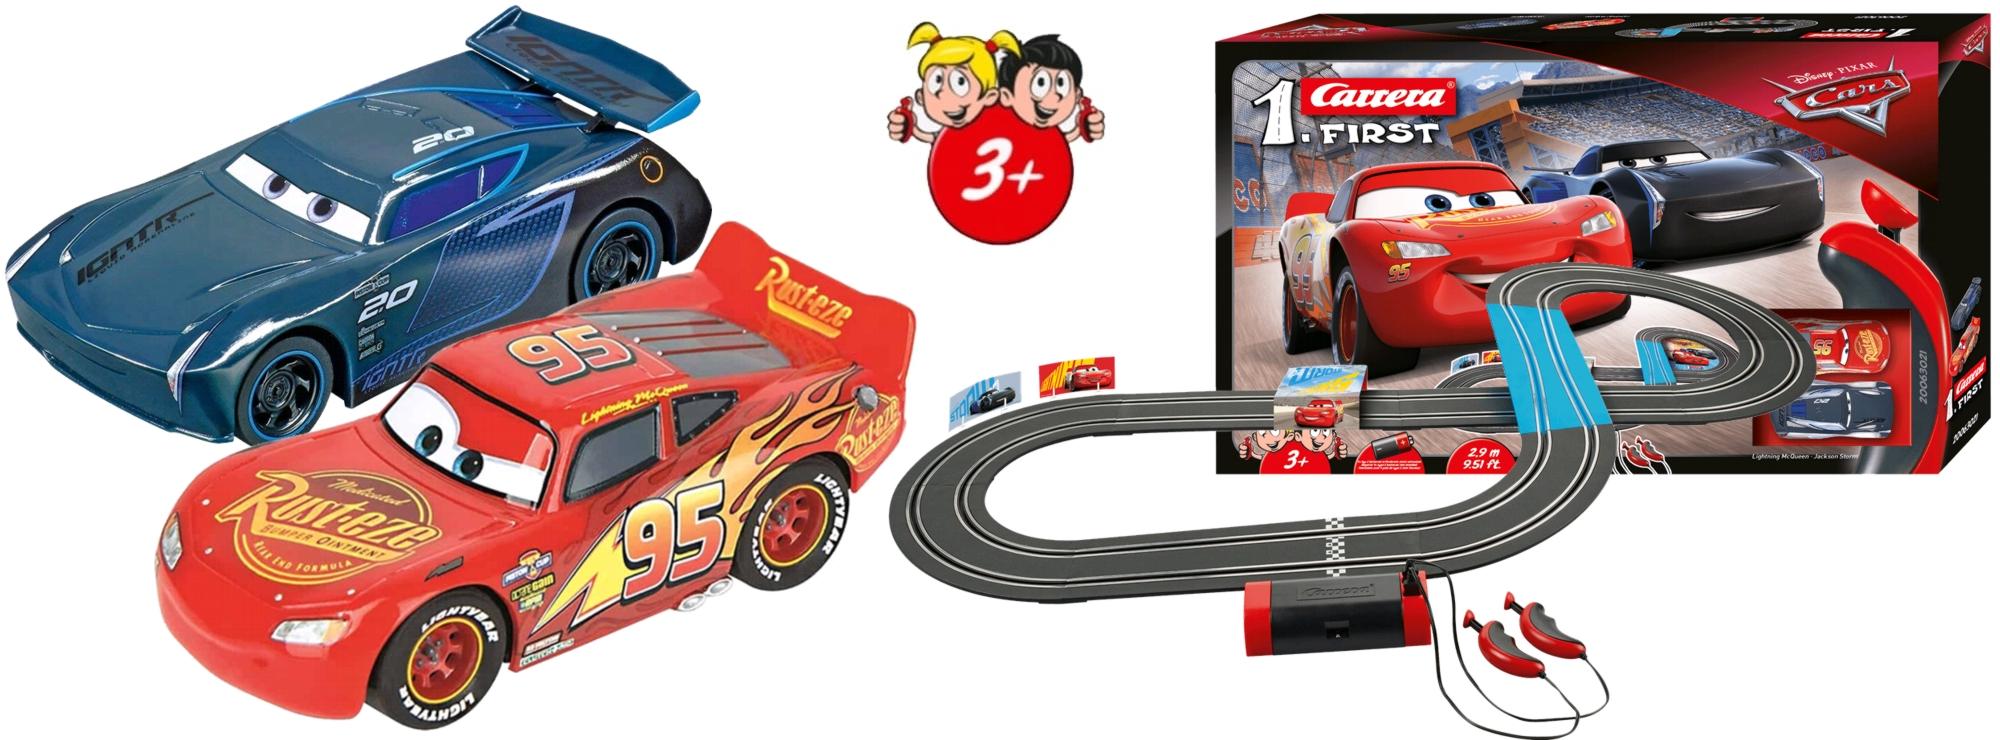 Carrera 63021 First Disney Pixar Cars Autorennbahn Ab 3 Jahren